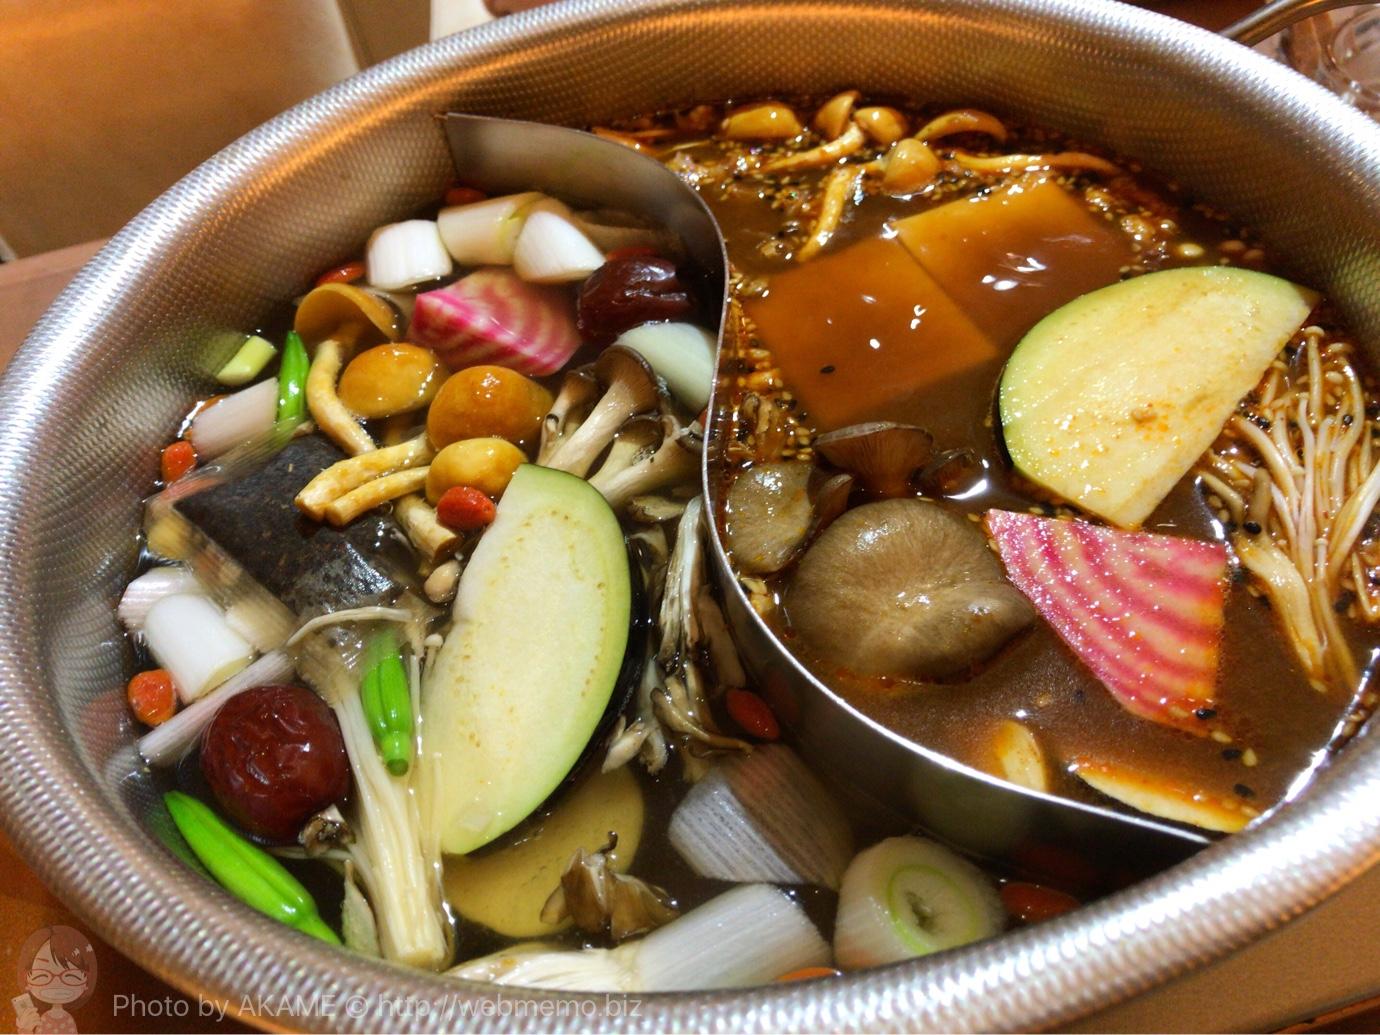 品川「10ZEN」の薬膳鍋が絶品・楽しい!すっぽんと生薬から抽出した美肌スープ